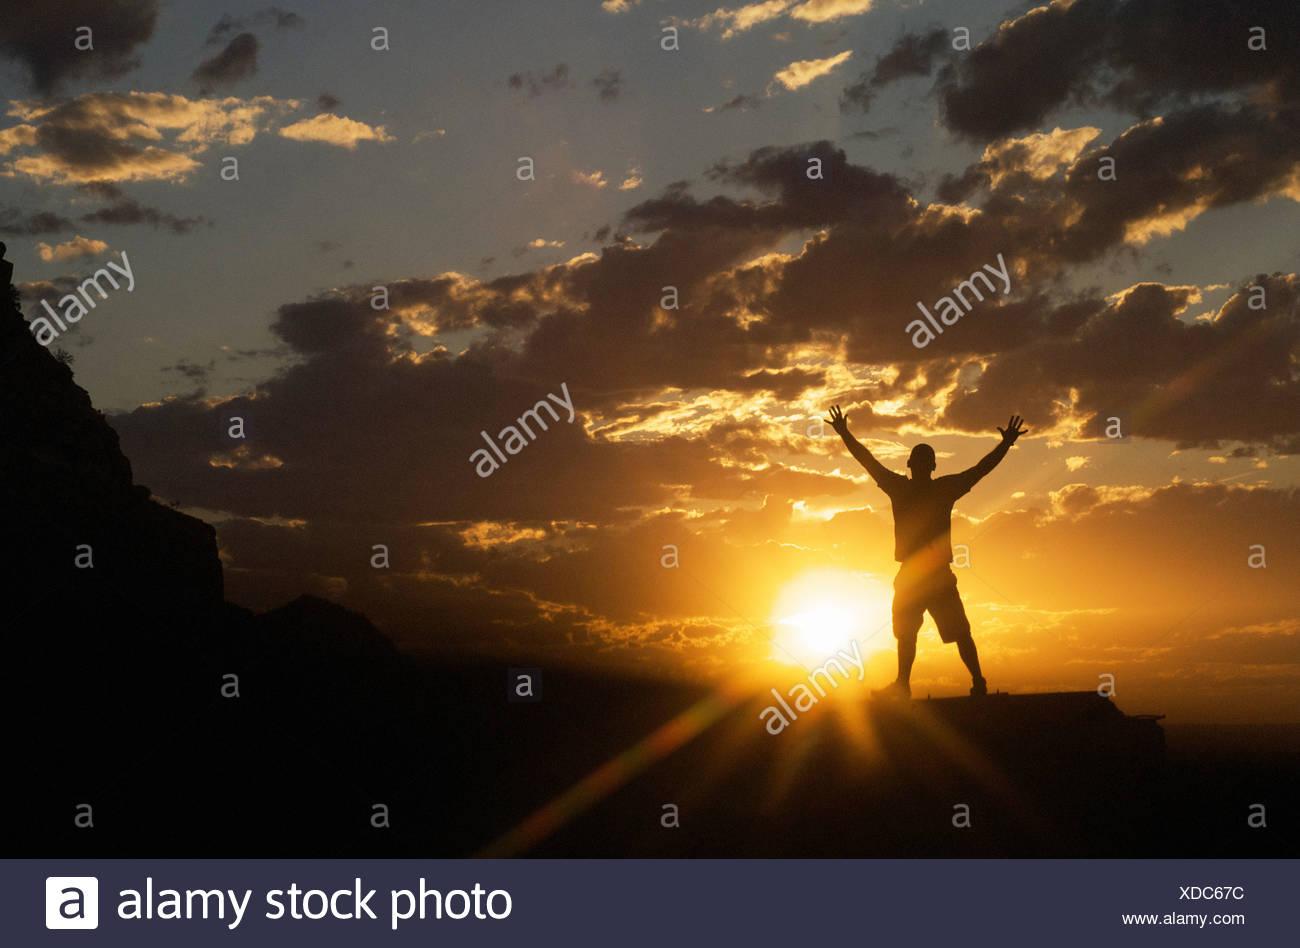 Männliche Figur mit Armen ausgestreckt stehend mit Sonnenuntergang im Hintergrund Stockfoto